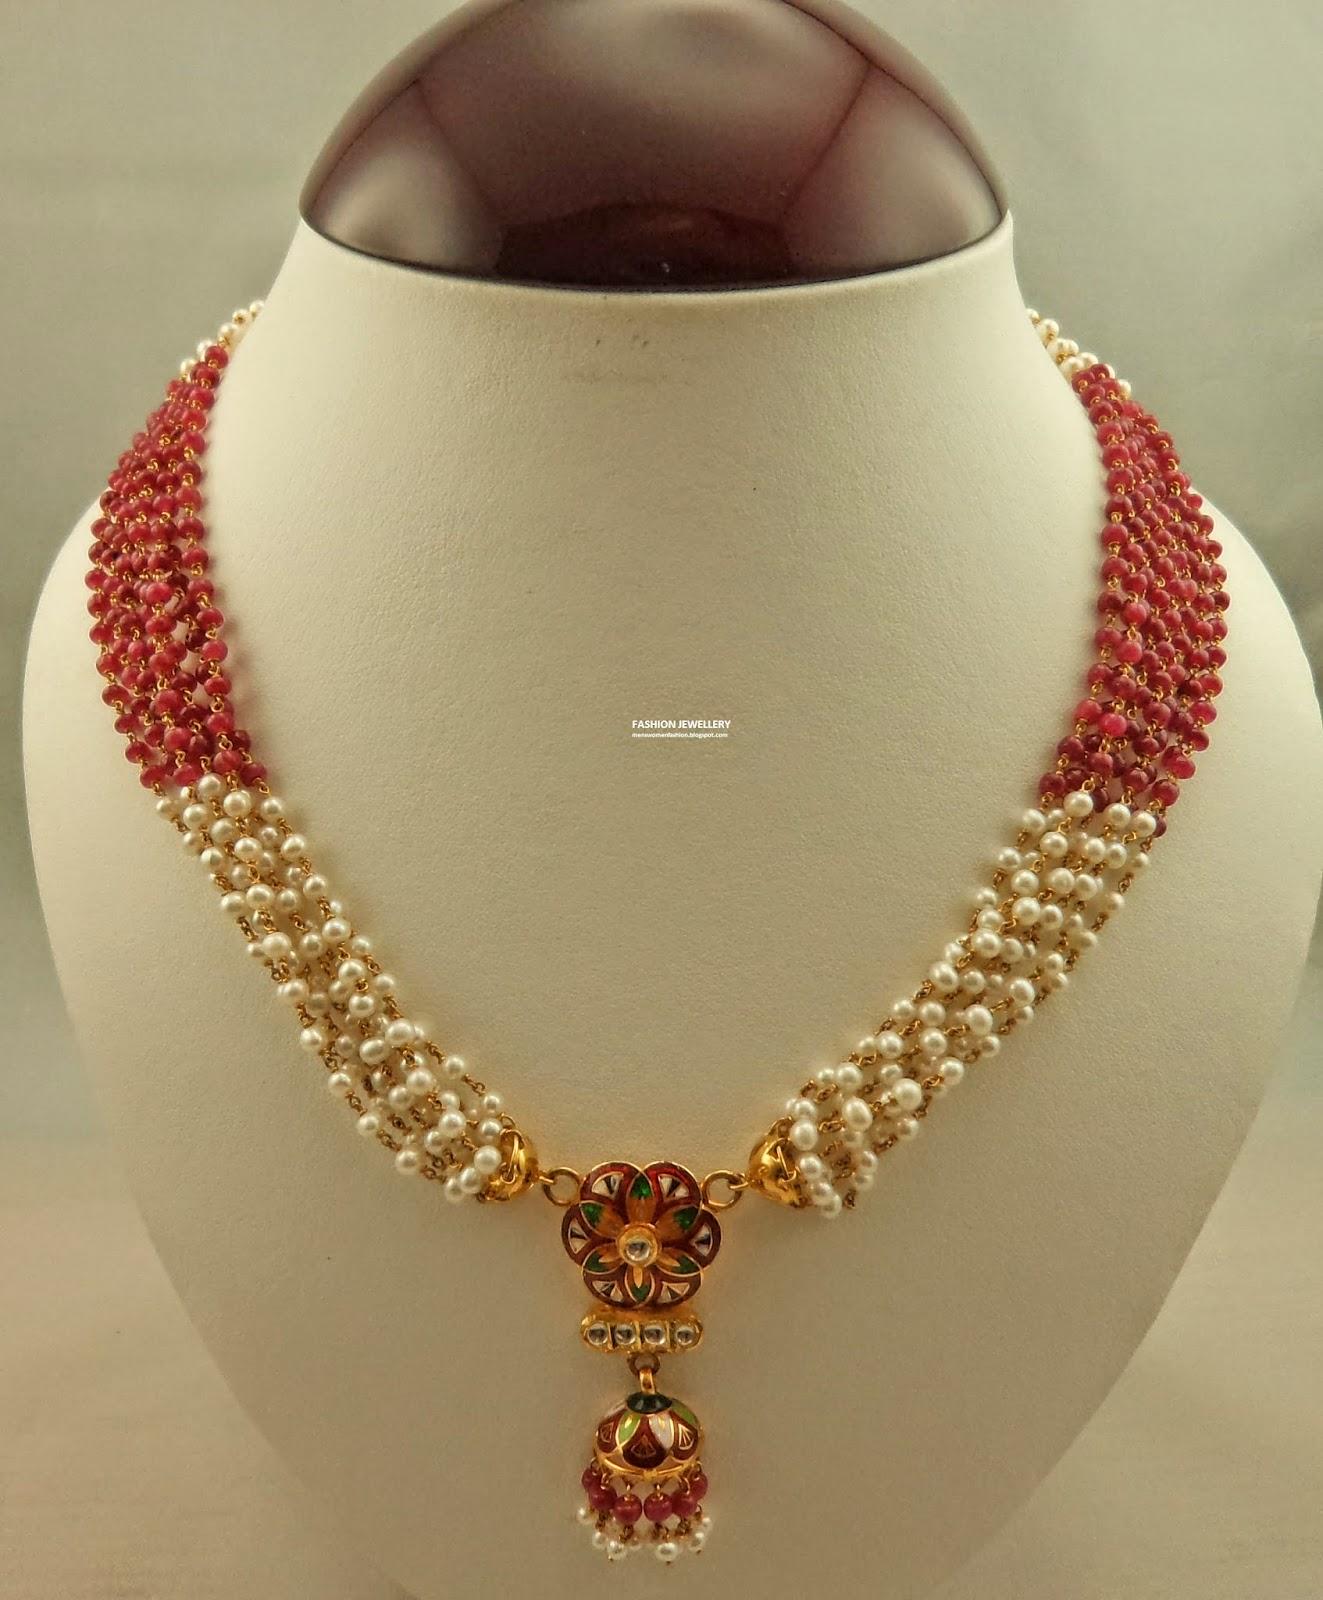 Gibraltar Pearl Ruby Wedding Bridal Fashion Jewelry 29 Fashion